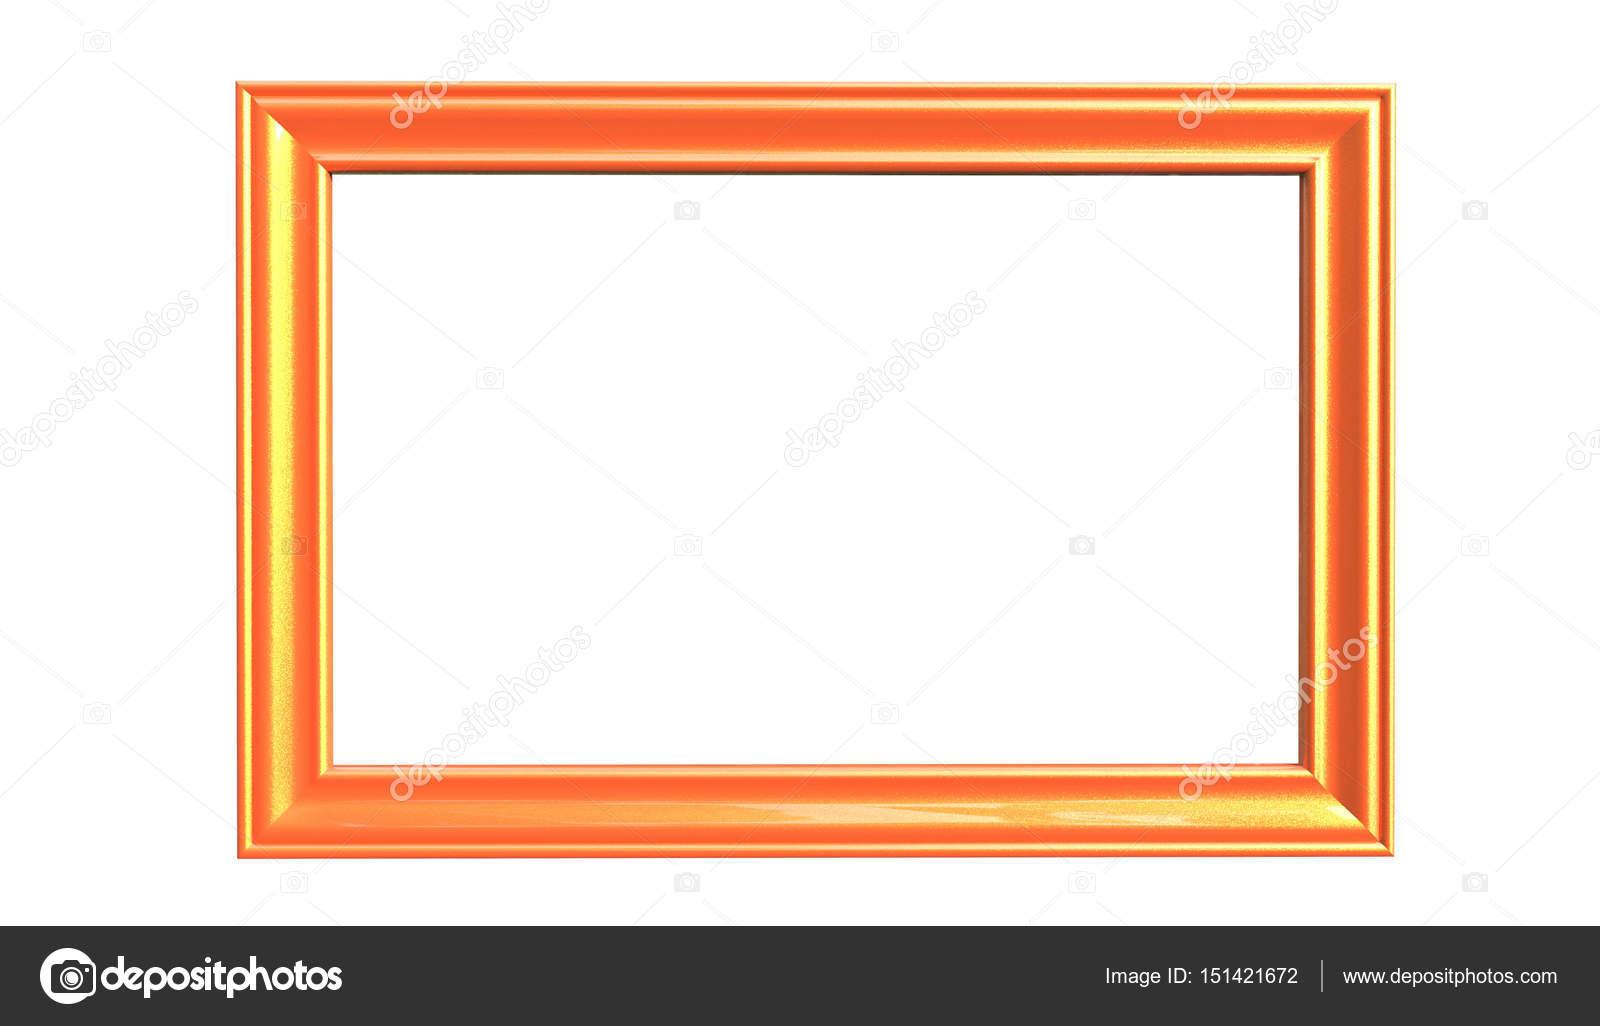 3d 渲染的现代独立的悬挂的橘黄色相框– 图库图片